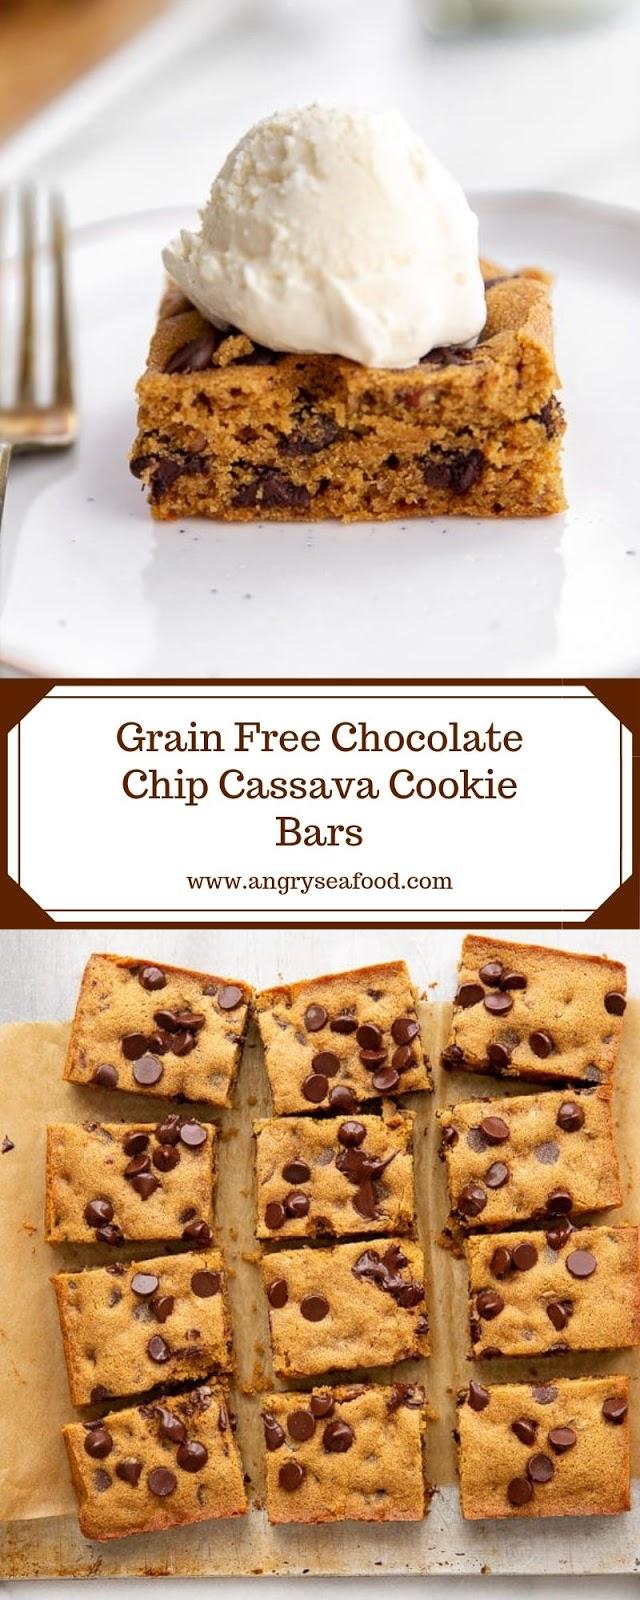 Grain Free Chocolate Chip Cassava Cookie Bars